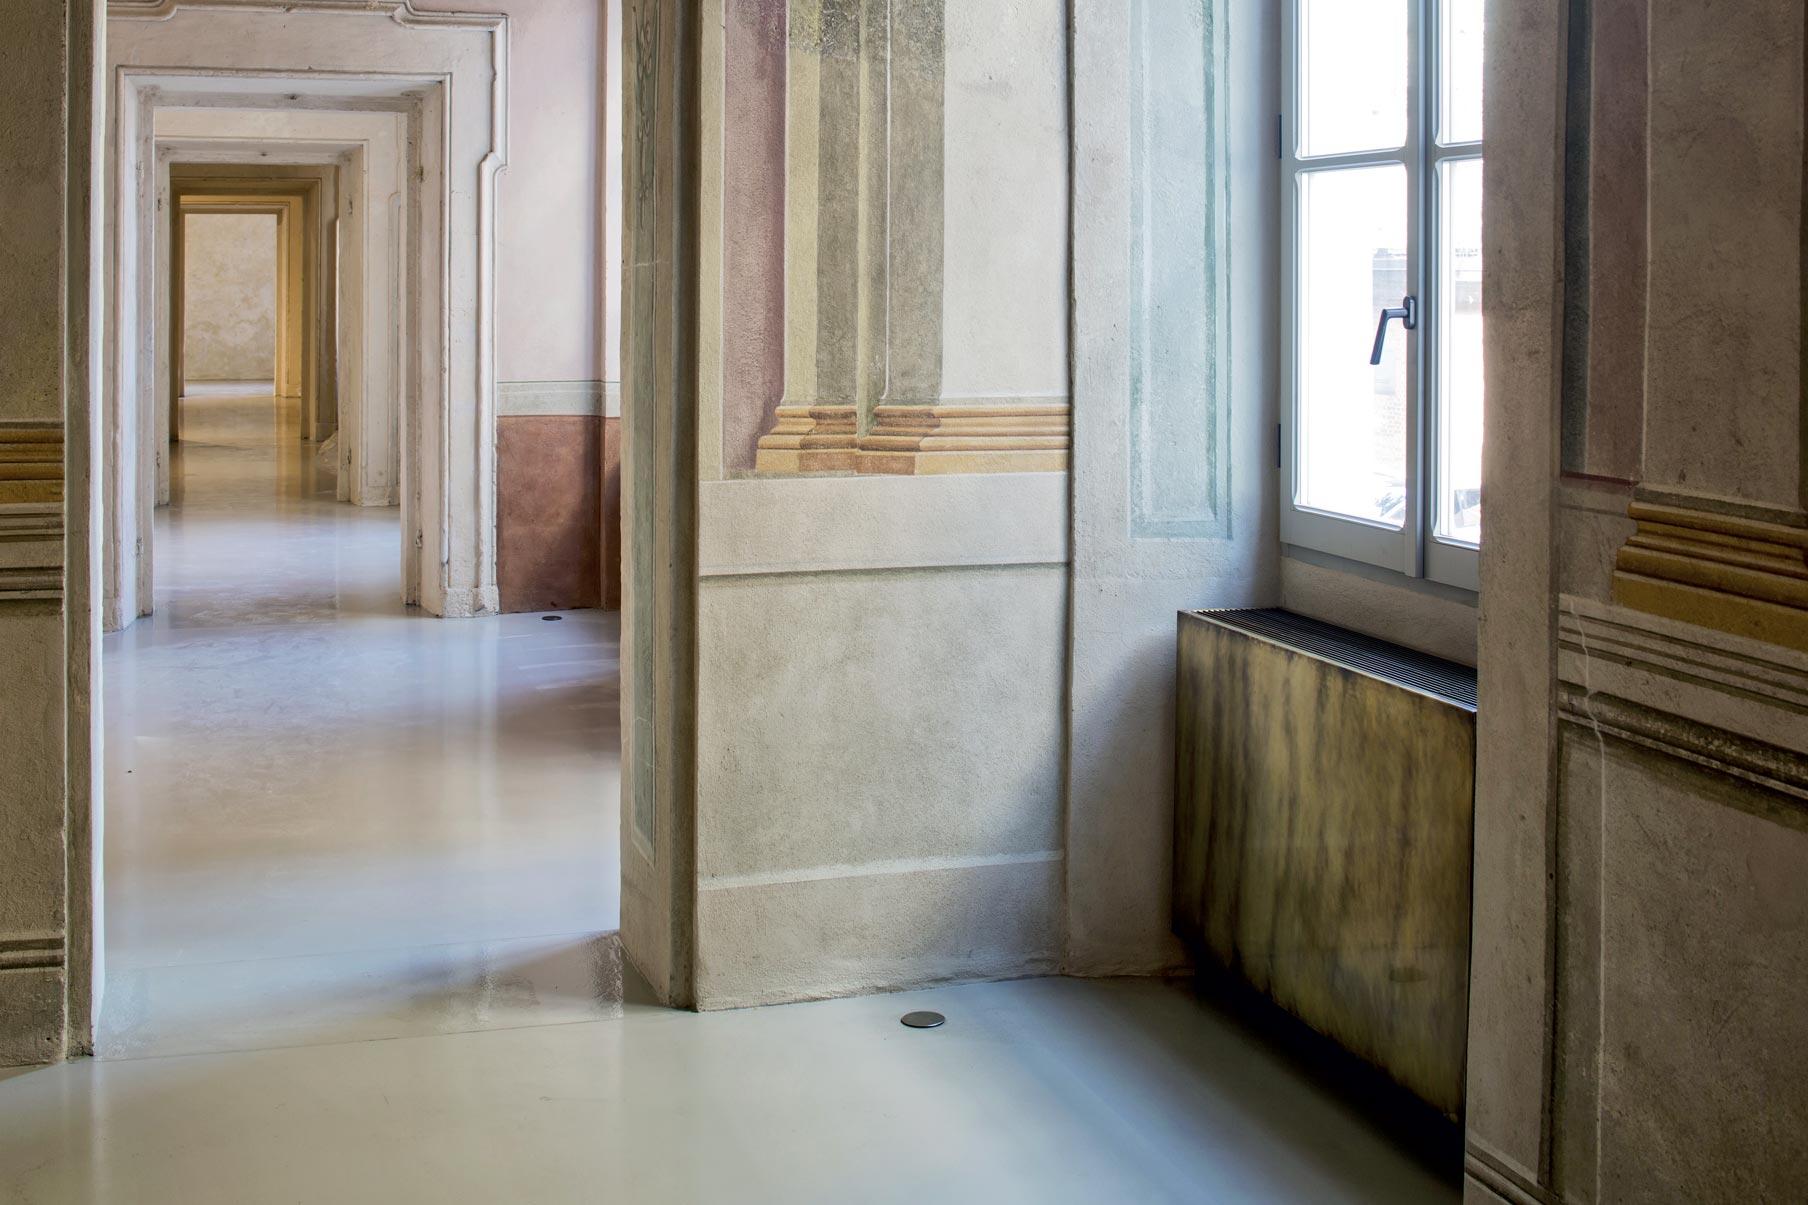 infilata stanze San Pietro a Reggio Emilia